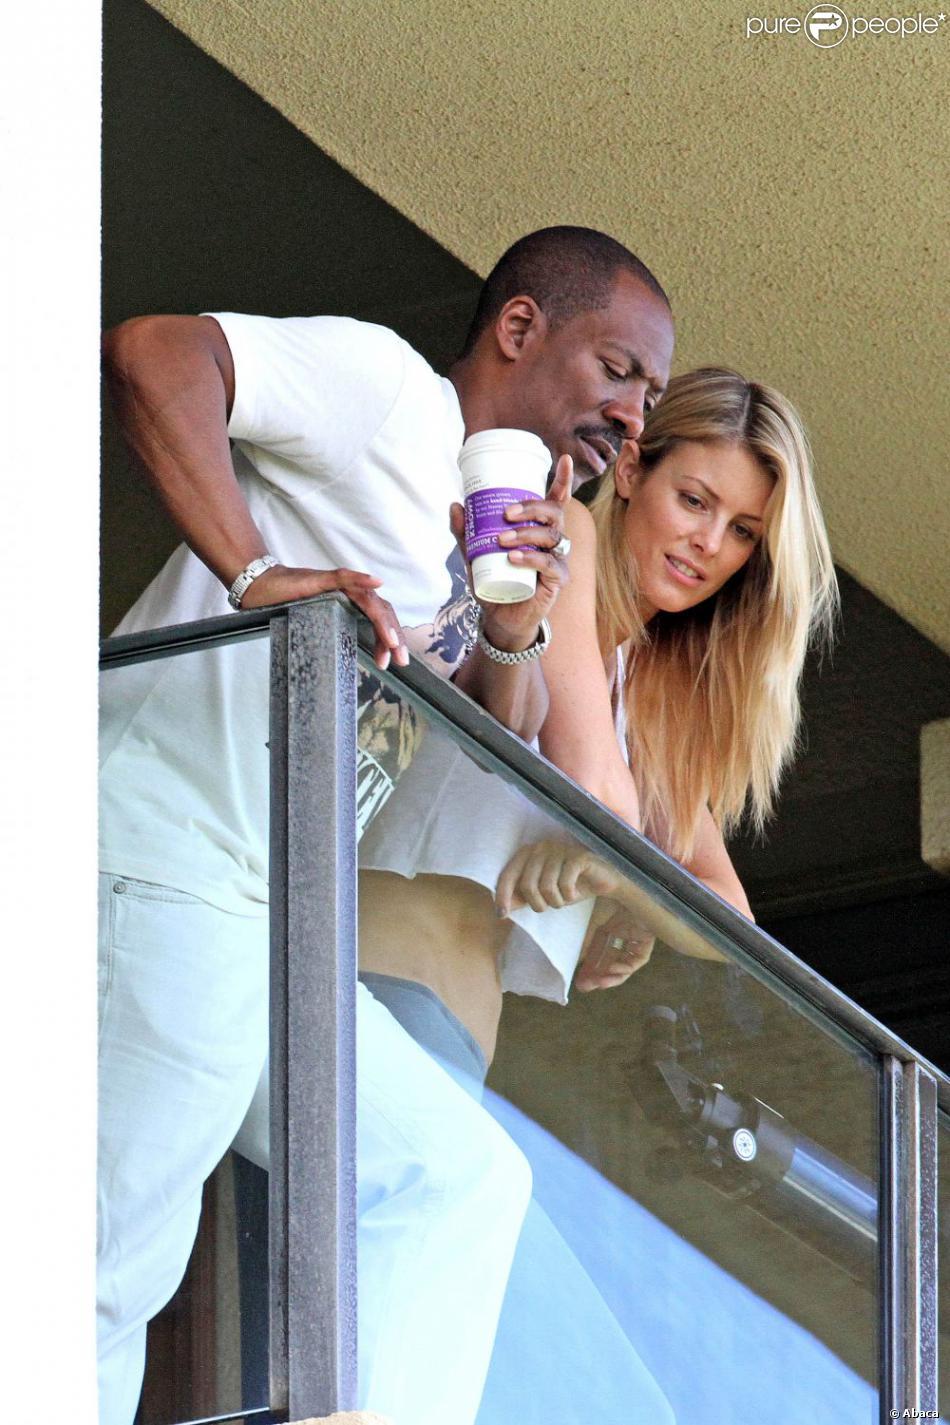 Eddie Murphy et sa petite amie Paige Butcher surpris au balcon de leur chambre d'hôtel à Maui. Hawaï, le 11 juin 2013.